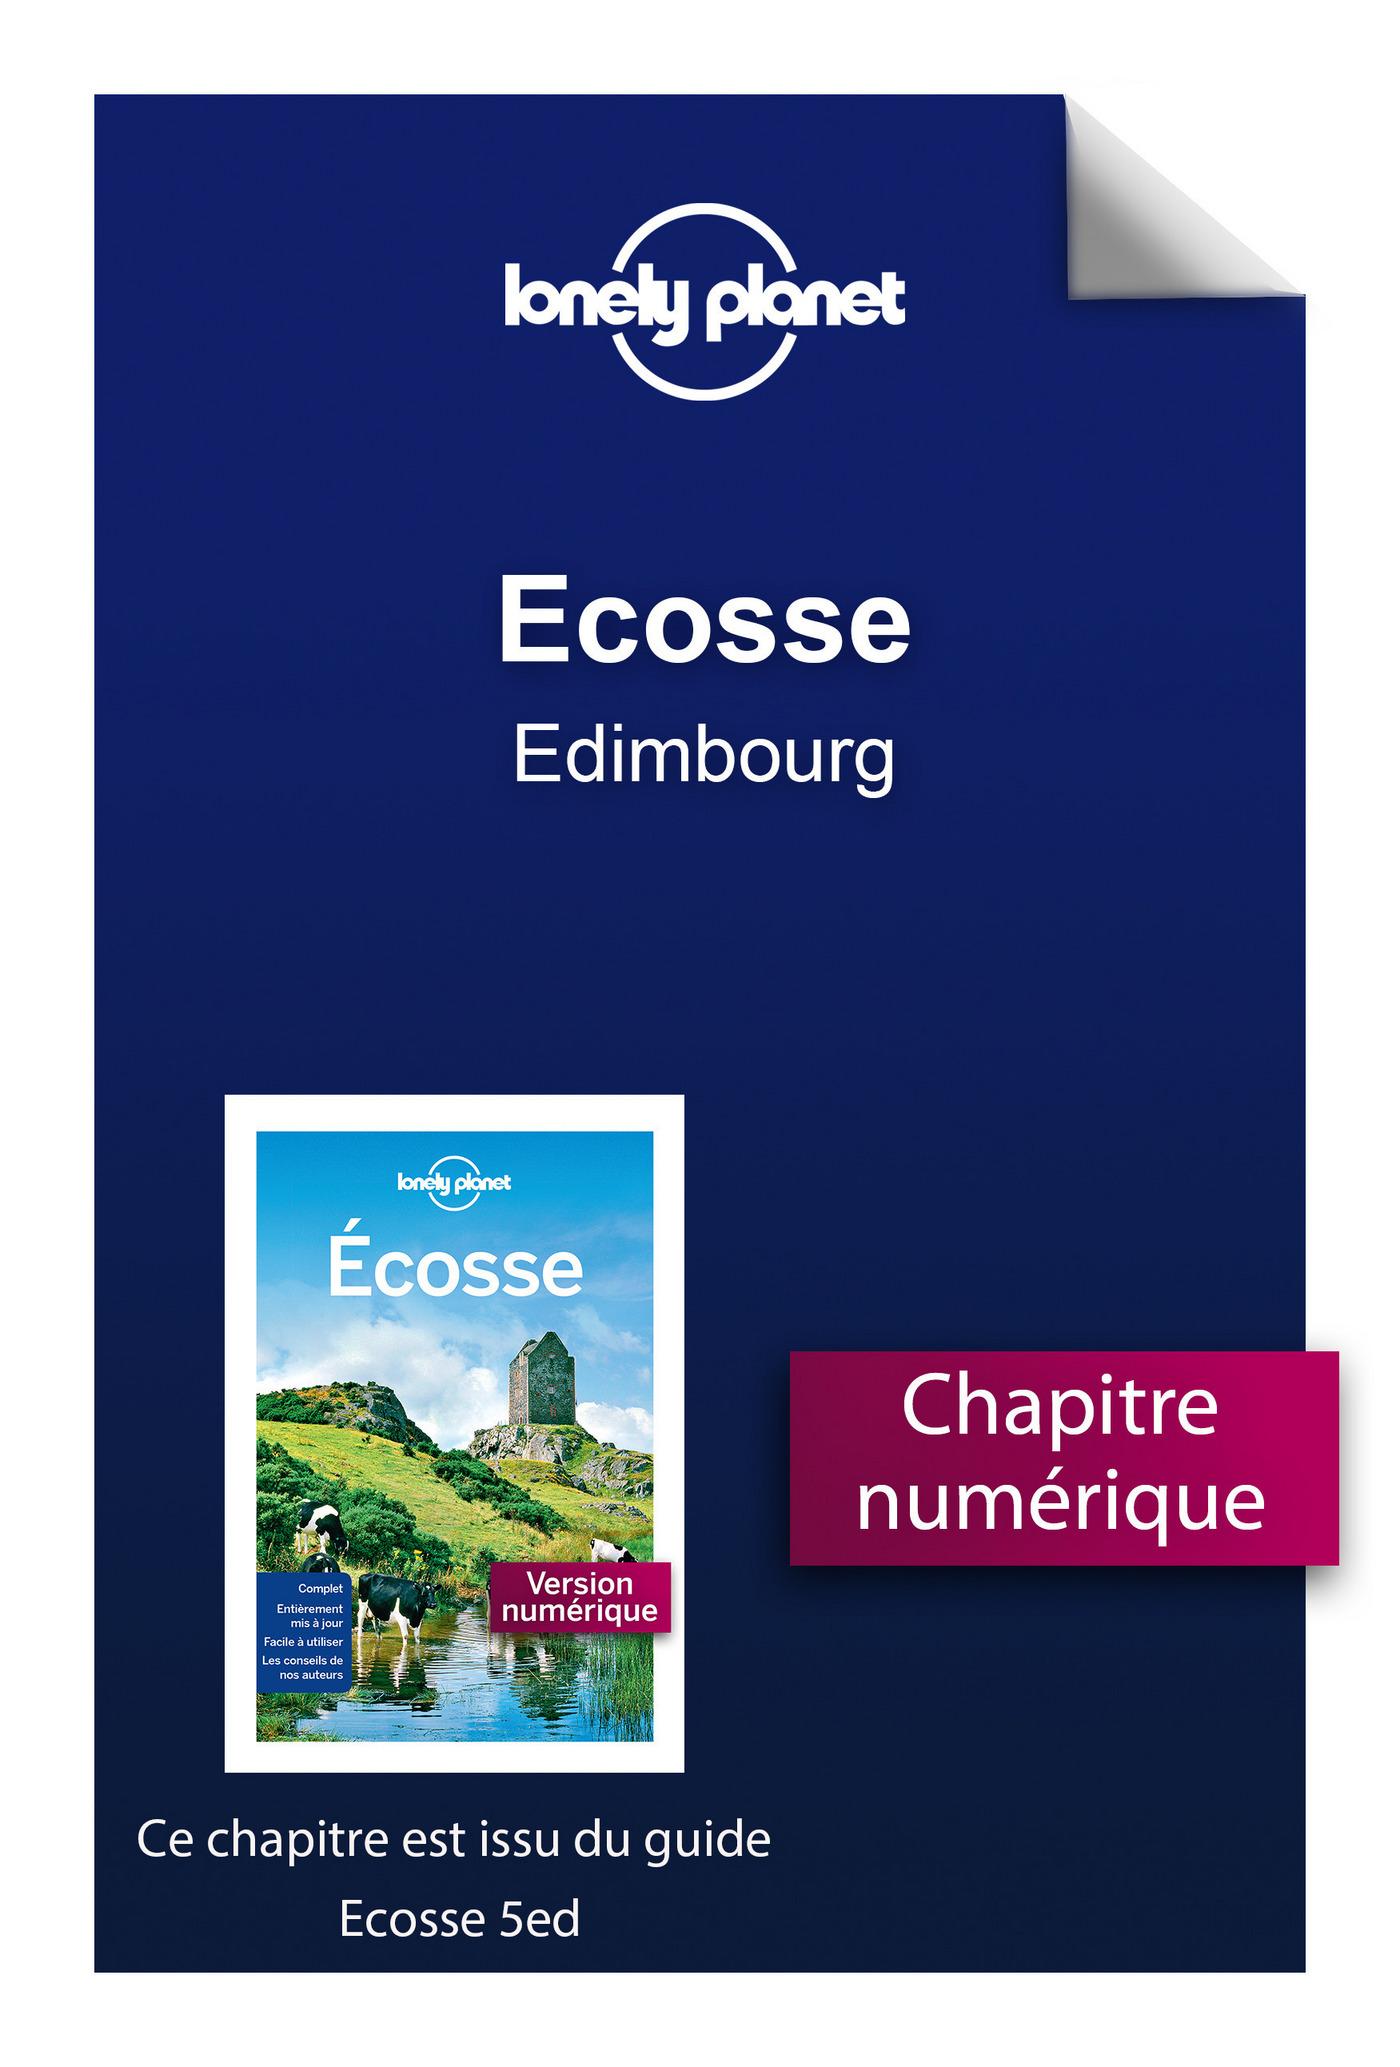 Ecosse 5 - Edimbourg